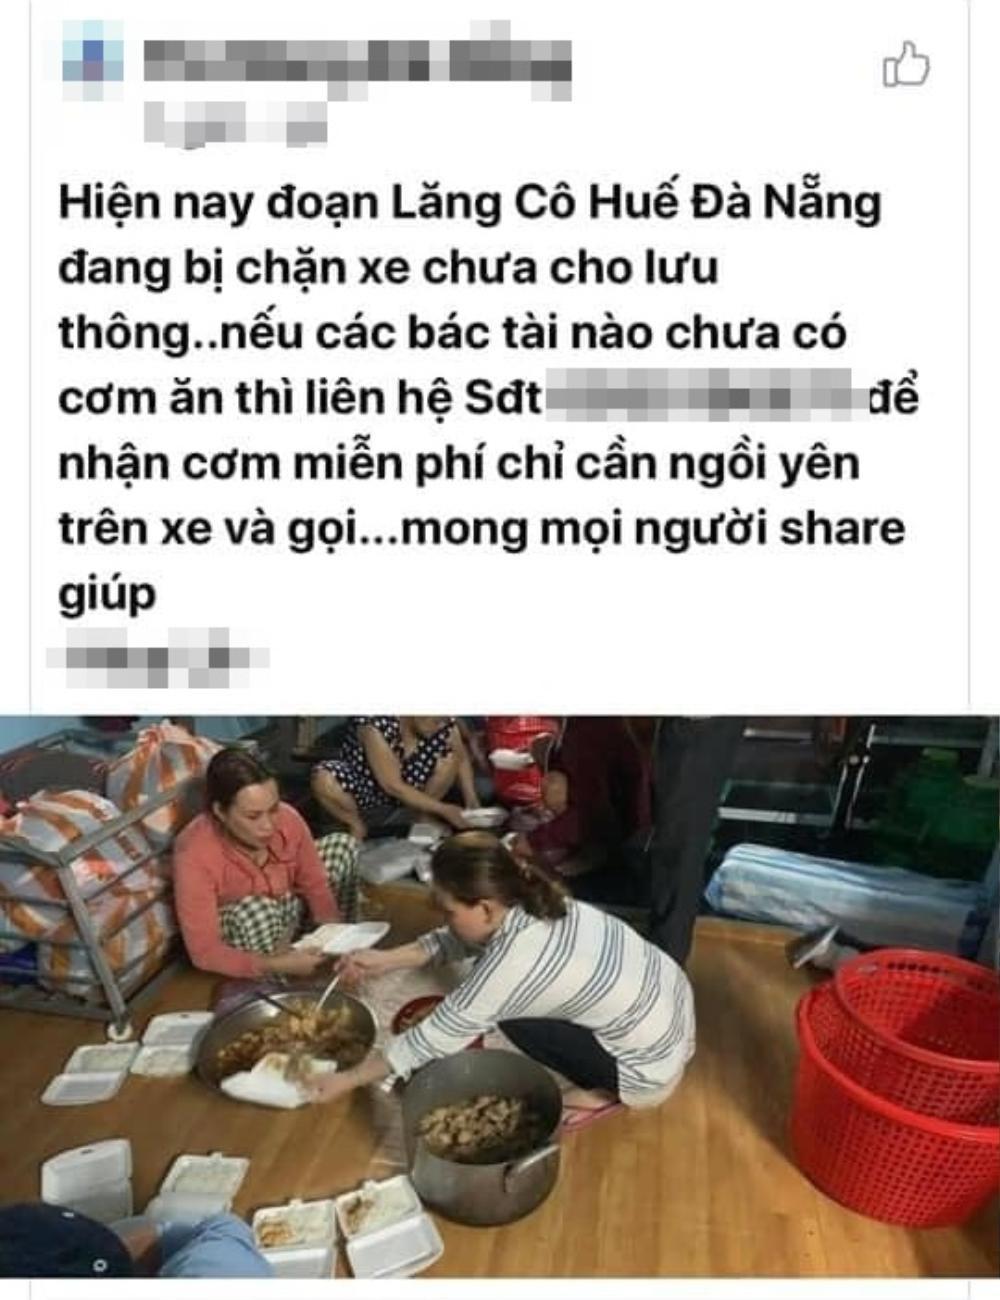 Ấm lòng chuyện người dân Huế gõ cửa từng xe trú bão để phát cơm miễn phí bấp chấp mưa gió Ảnh 5